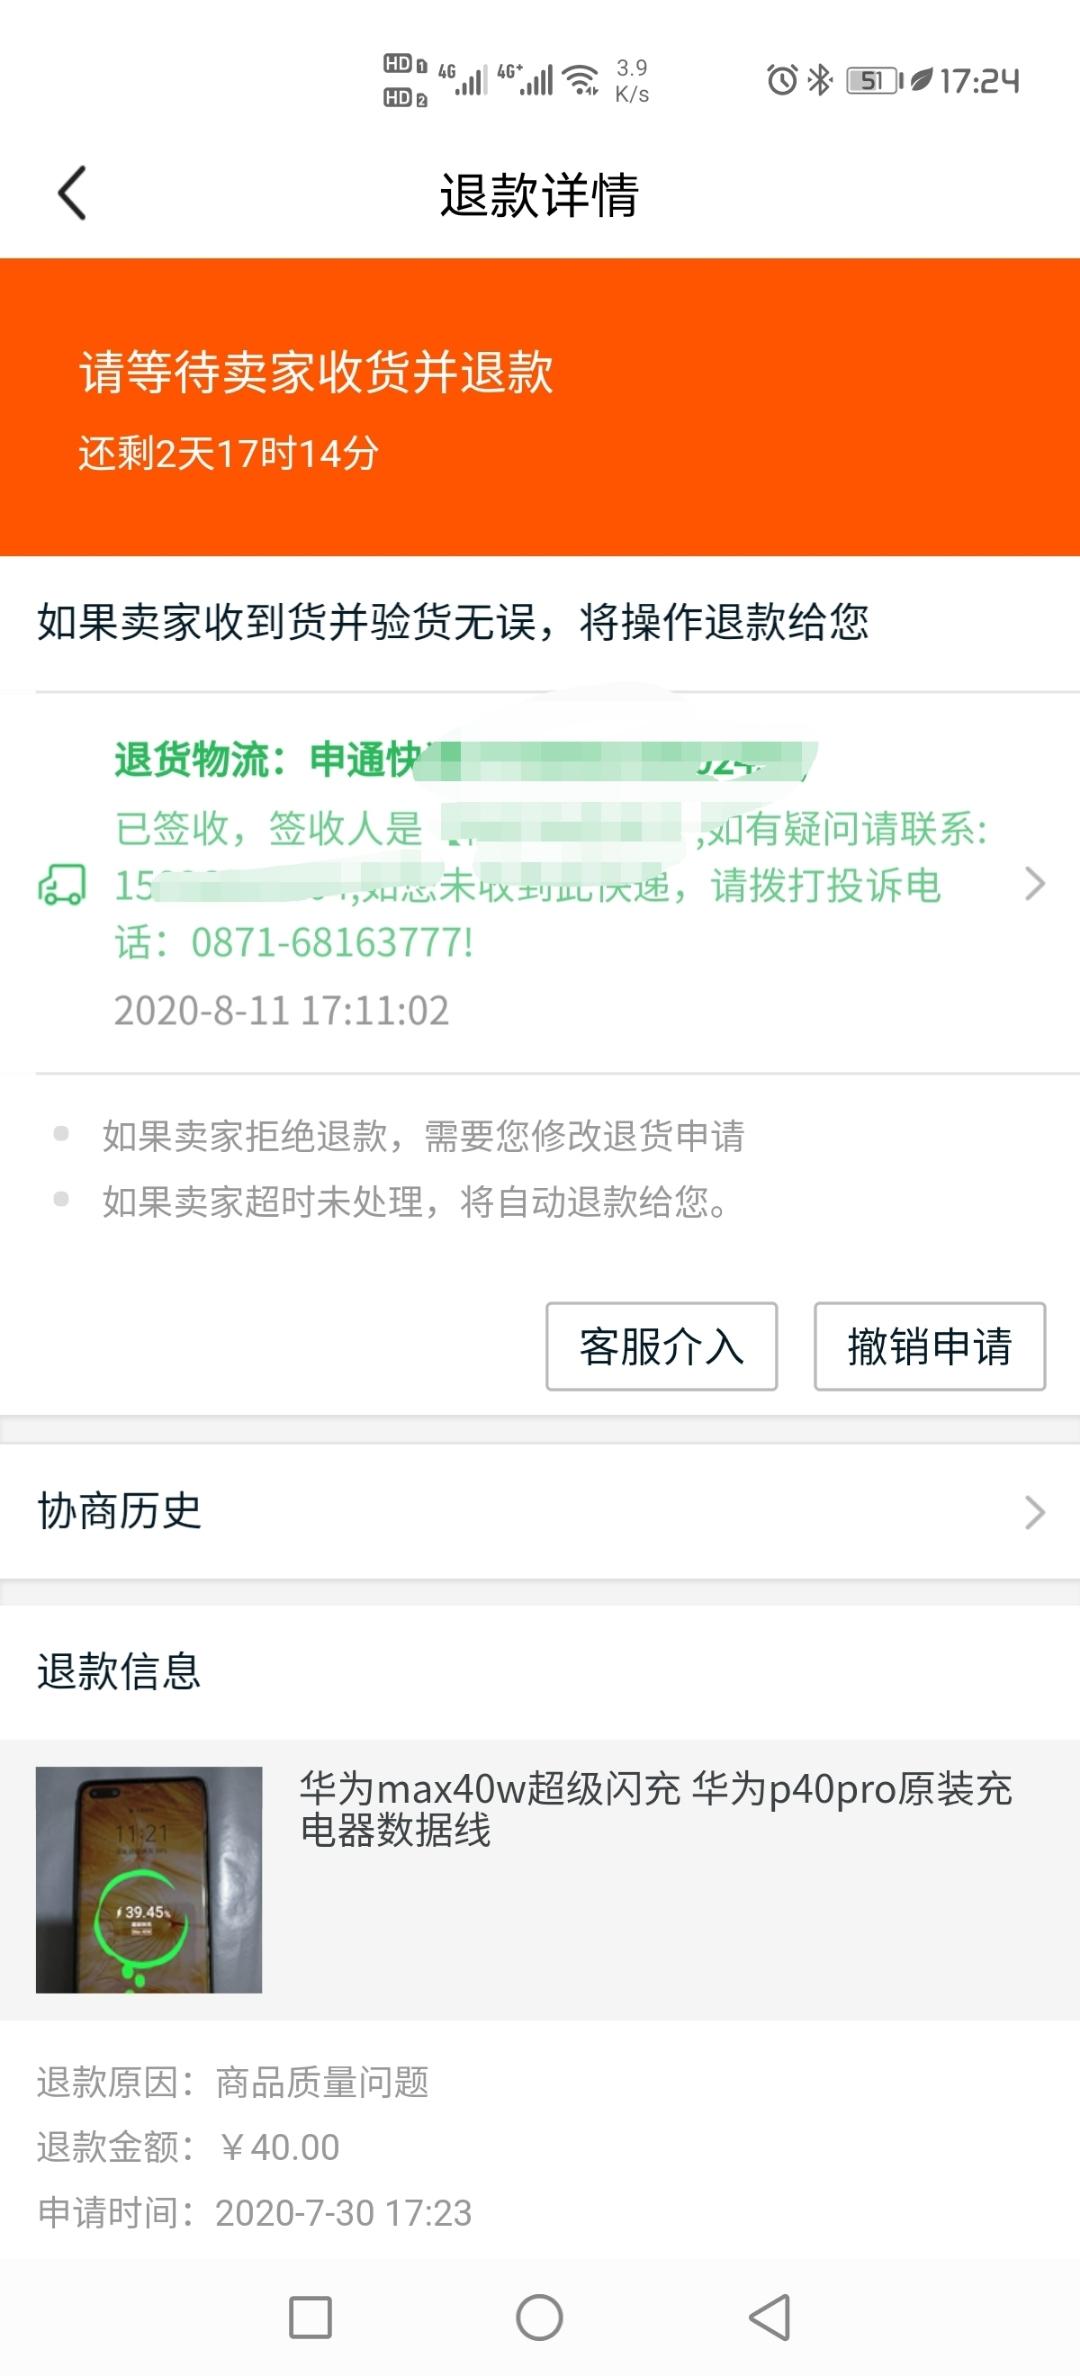 Screenshot_20200815_172434.jpg